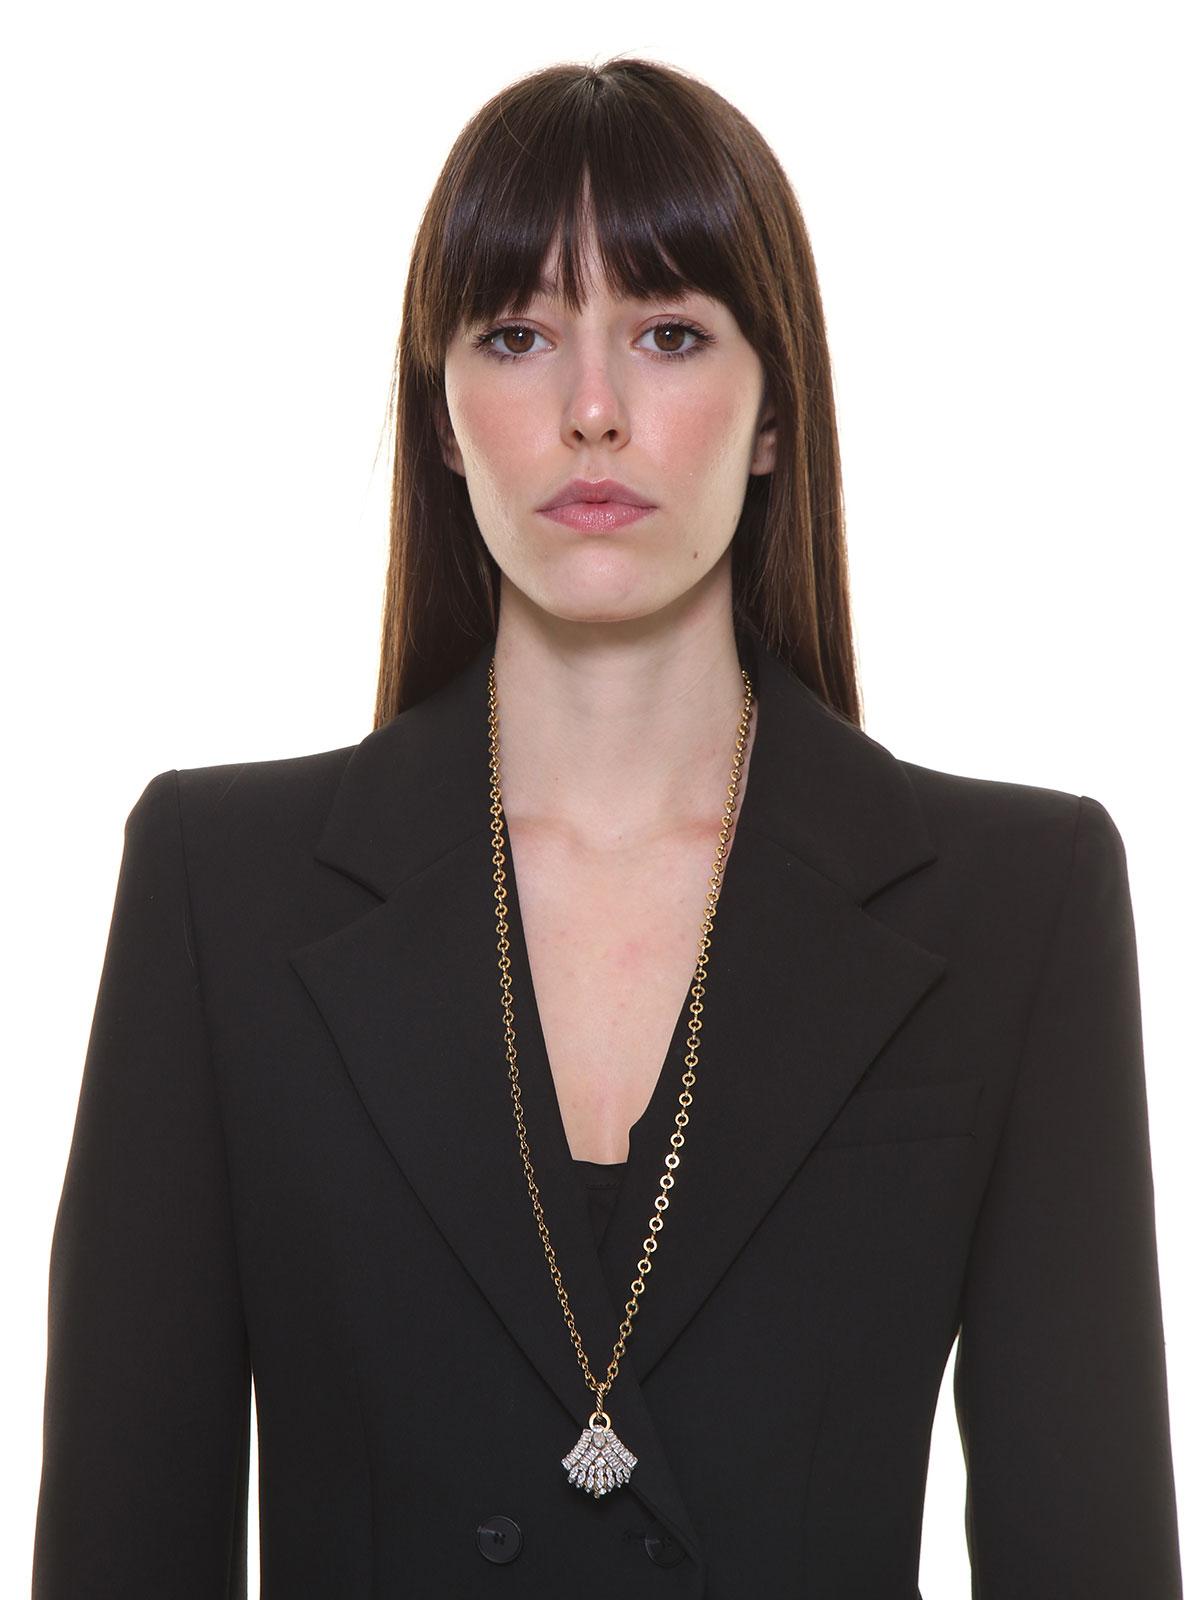 Collana lunga di catena con pendente ventaglio gioiello